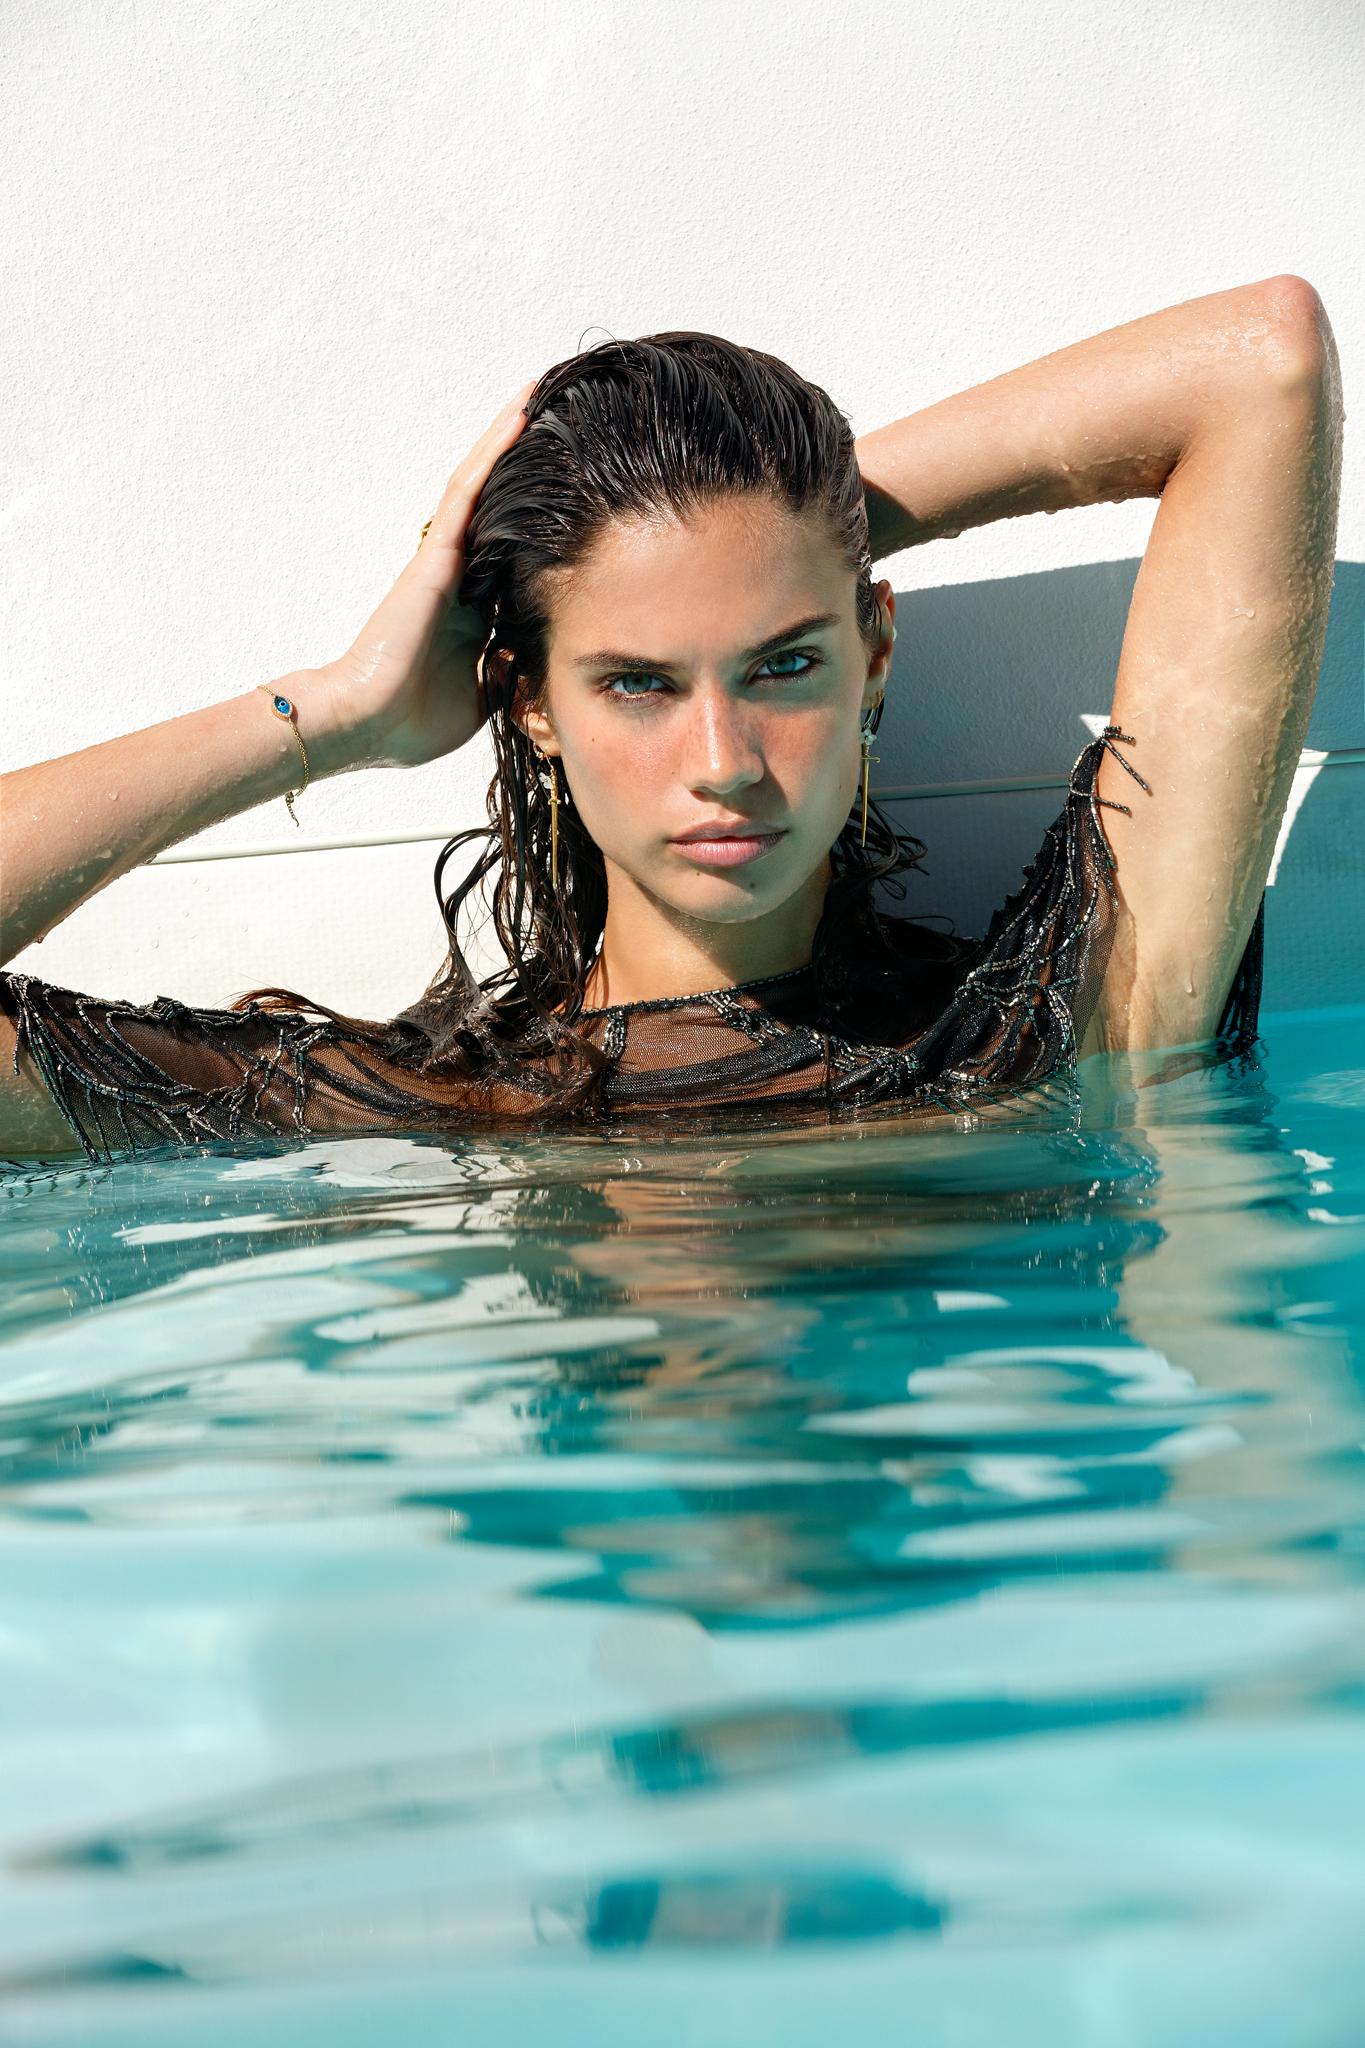 Sara Sampaio Vogue Editorial Spiritus Digital Work Isabel Pinto